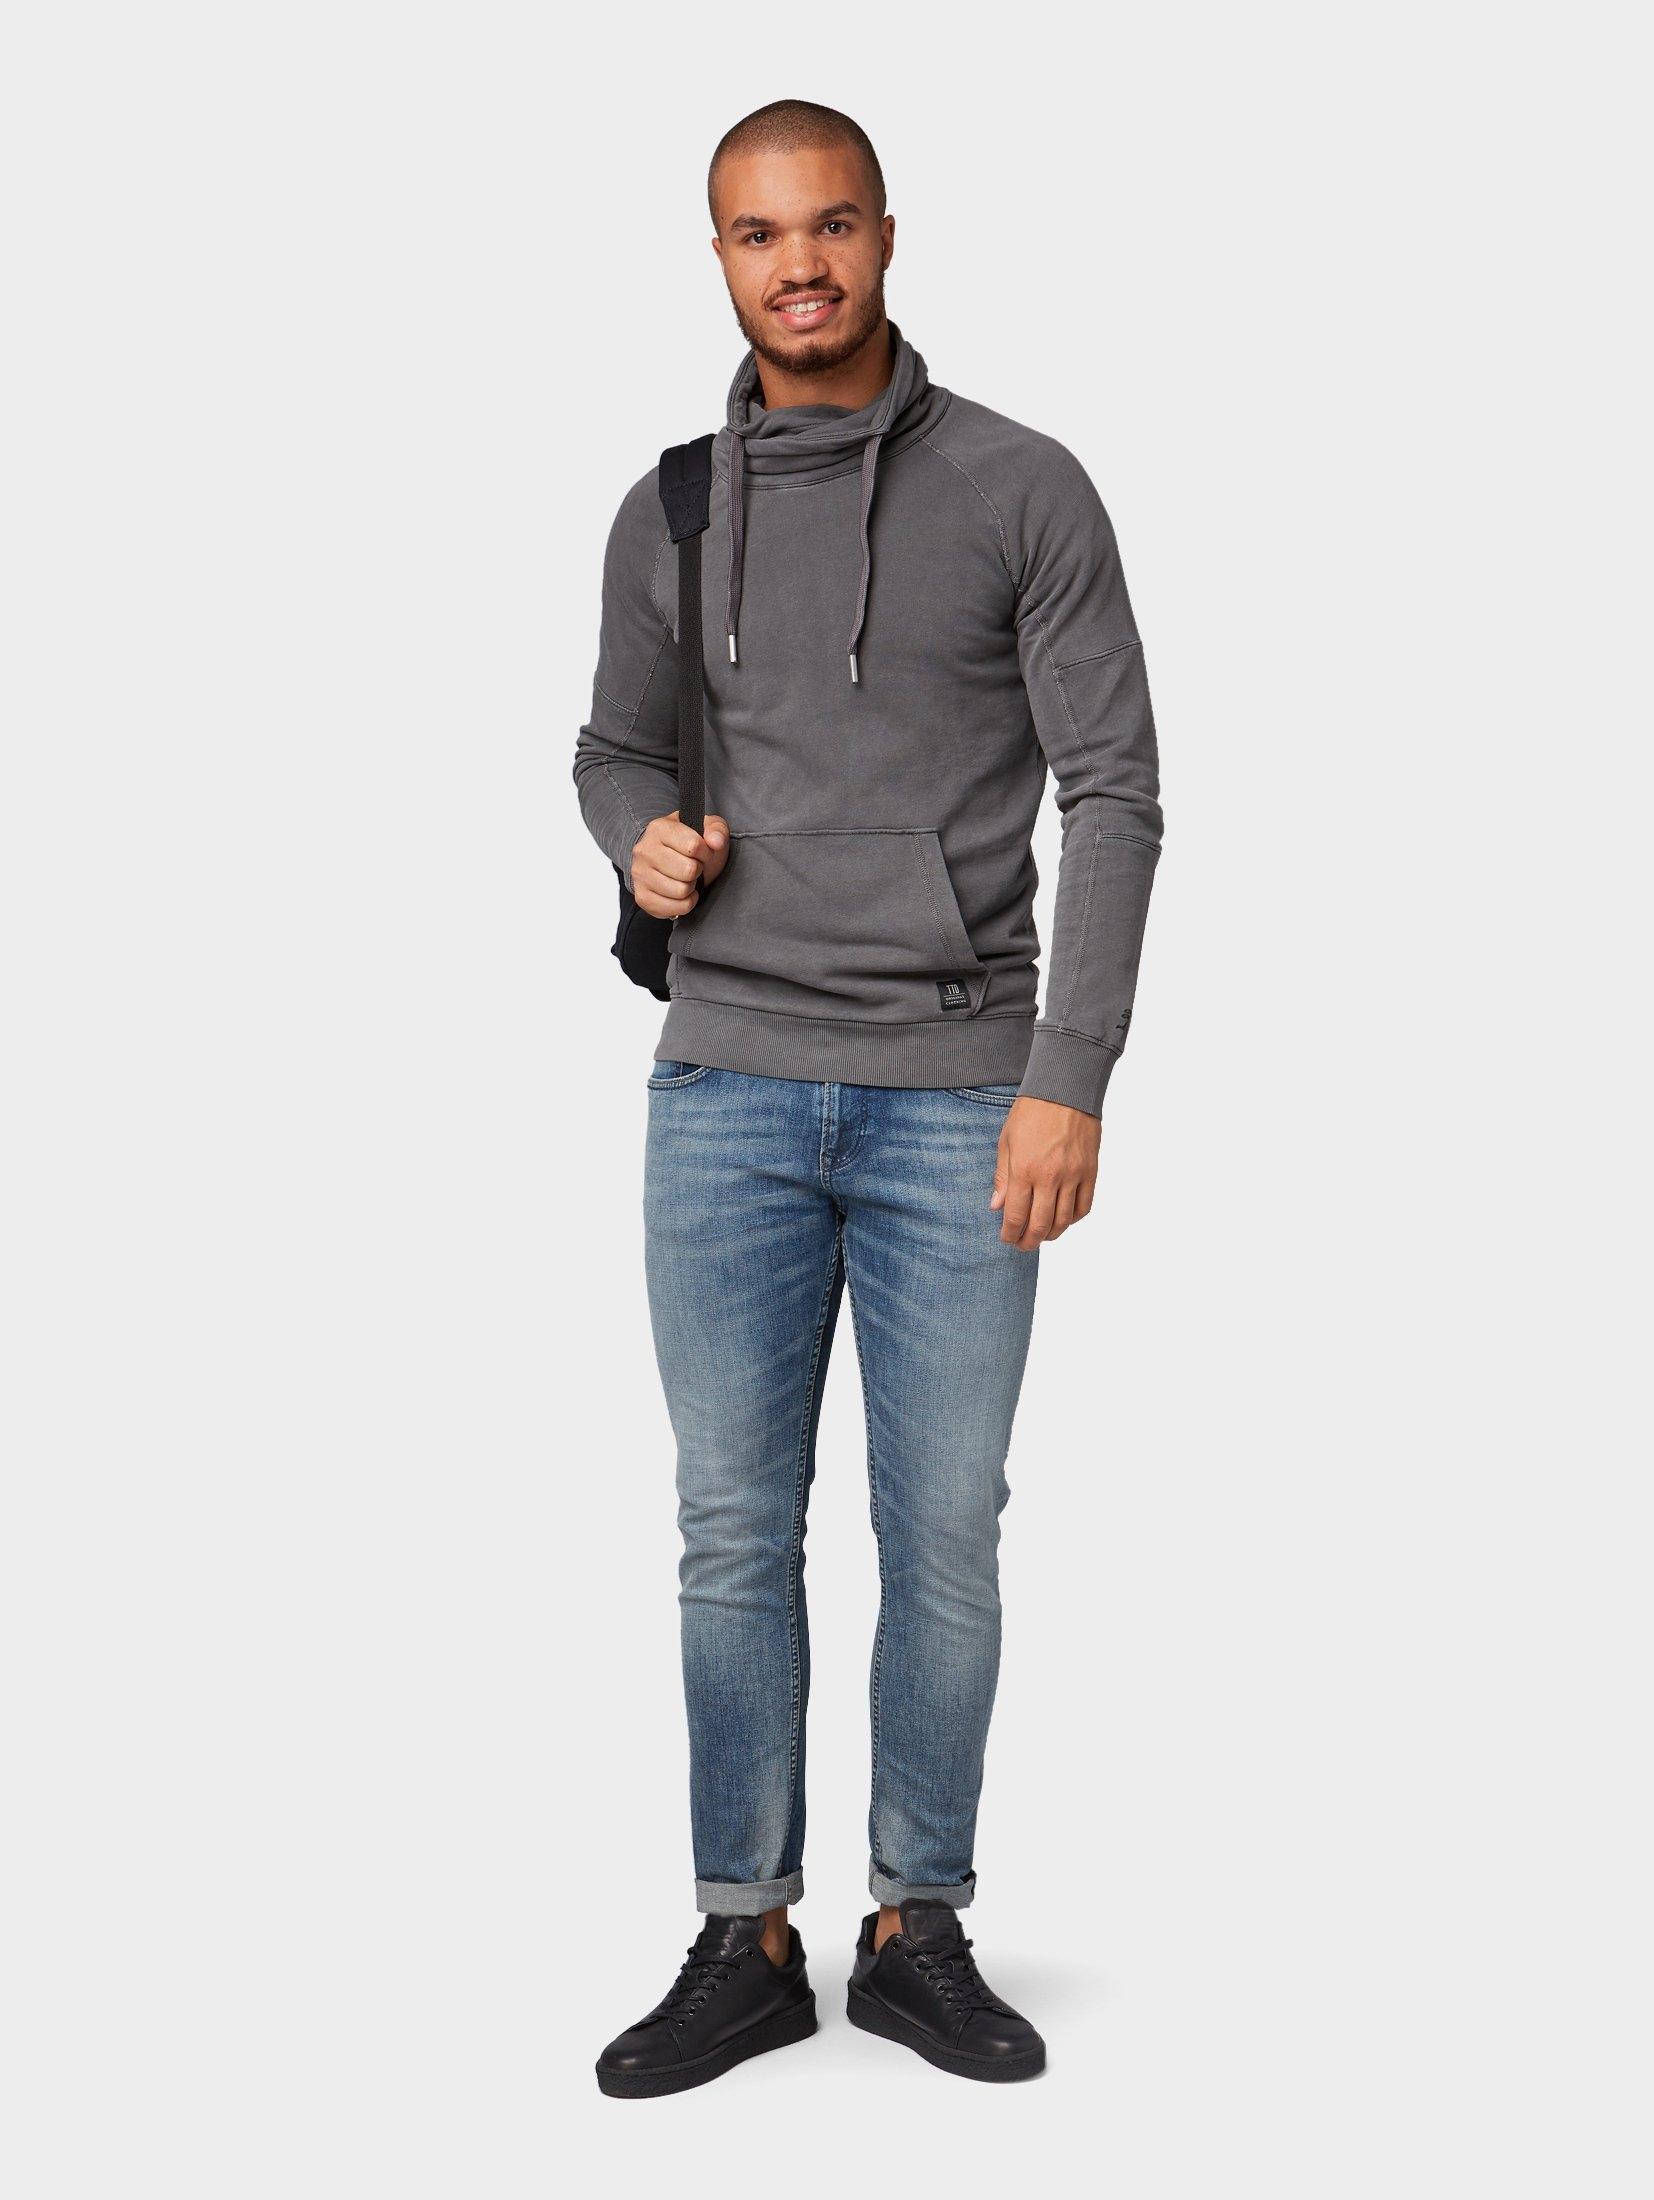 Tom Tailor Sweatshirtsweatshirt Met Denim Online Shoppen Sjaalkraag 4LqA3Rj5